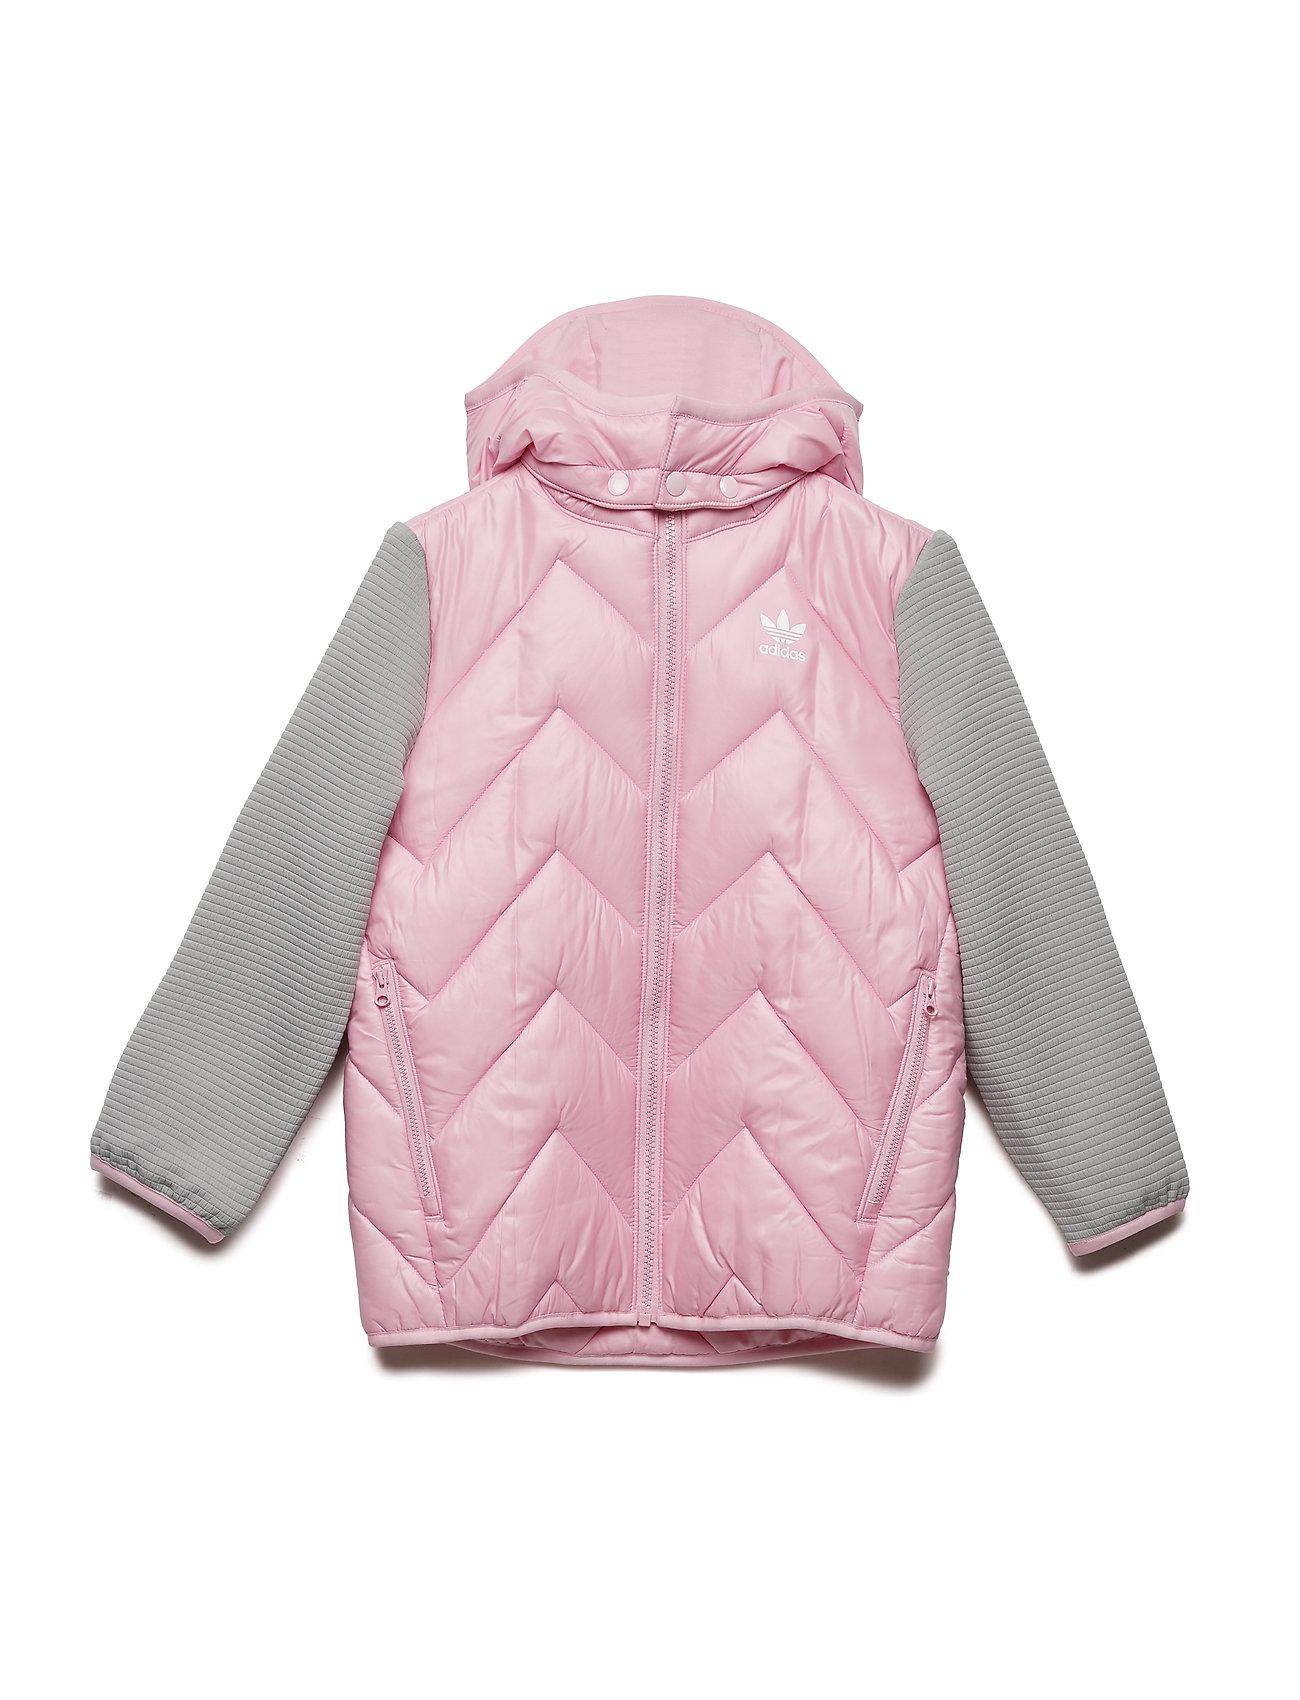 adidas Originals L TRF MS JKT - LTPINK/MGSOGR